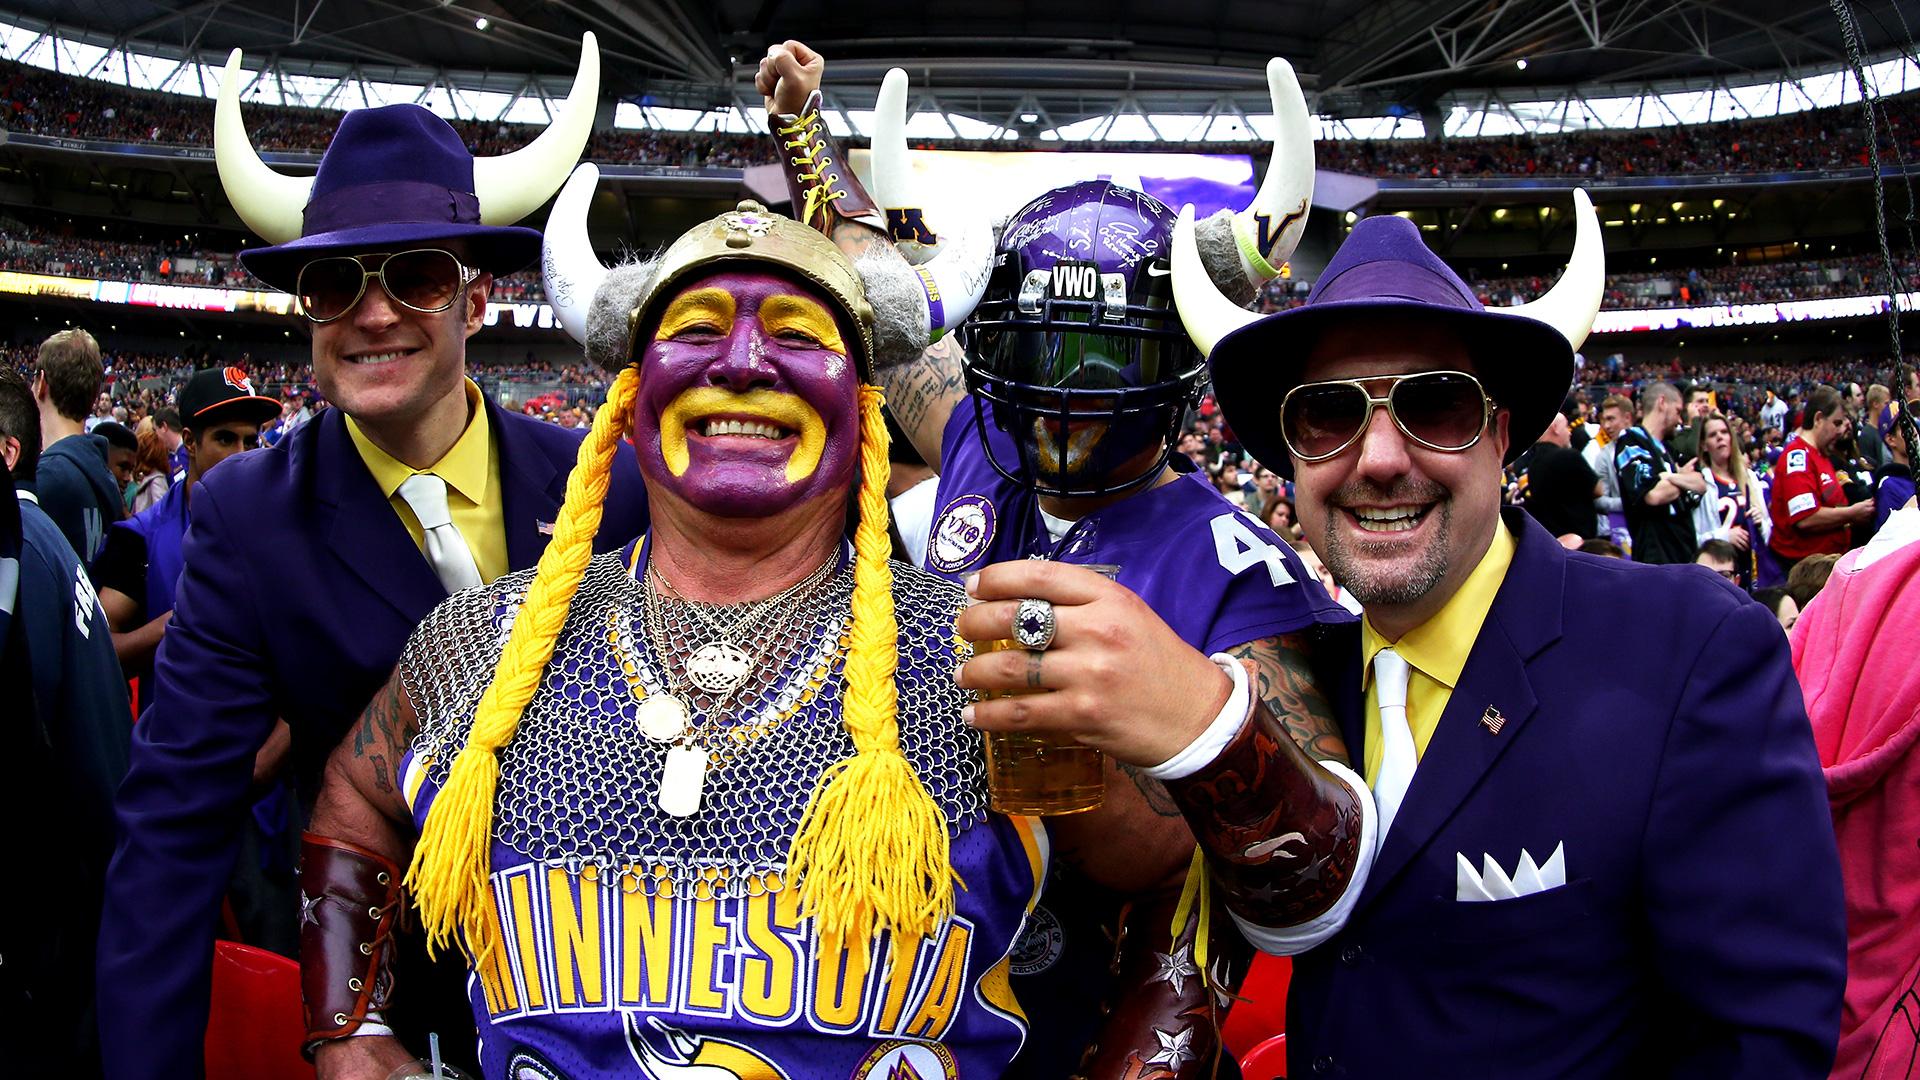 Vikings-fans-102715-GETTY-FTR.jpg